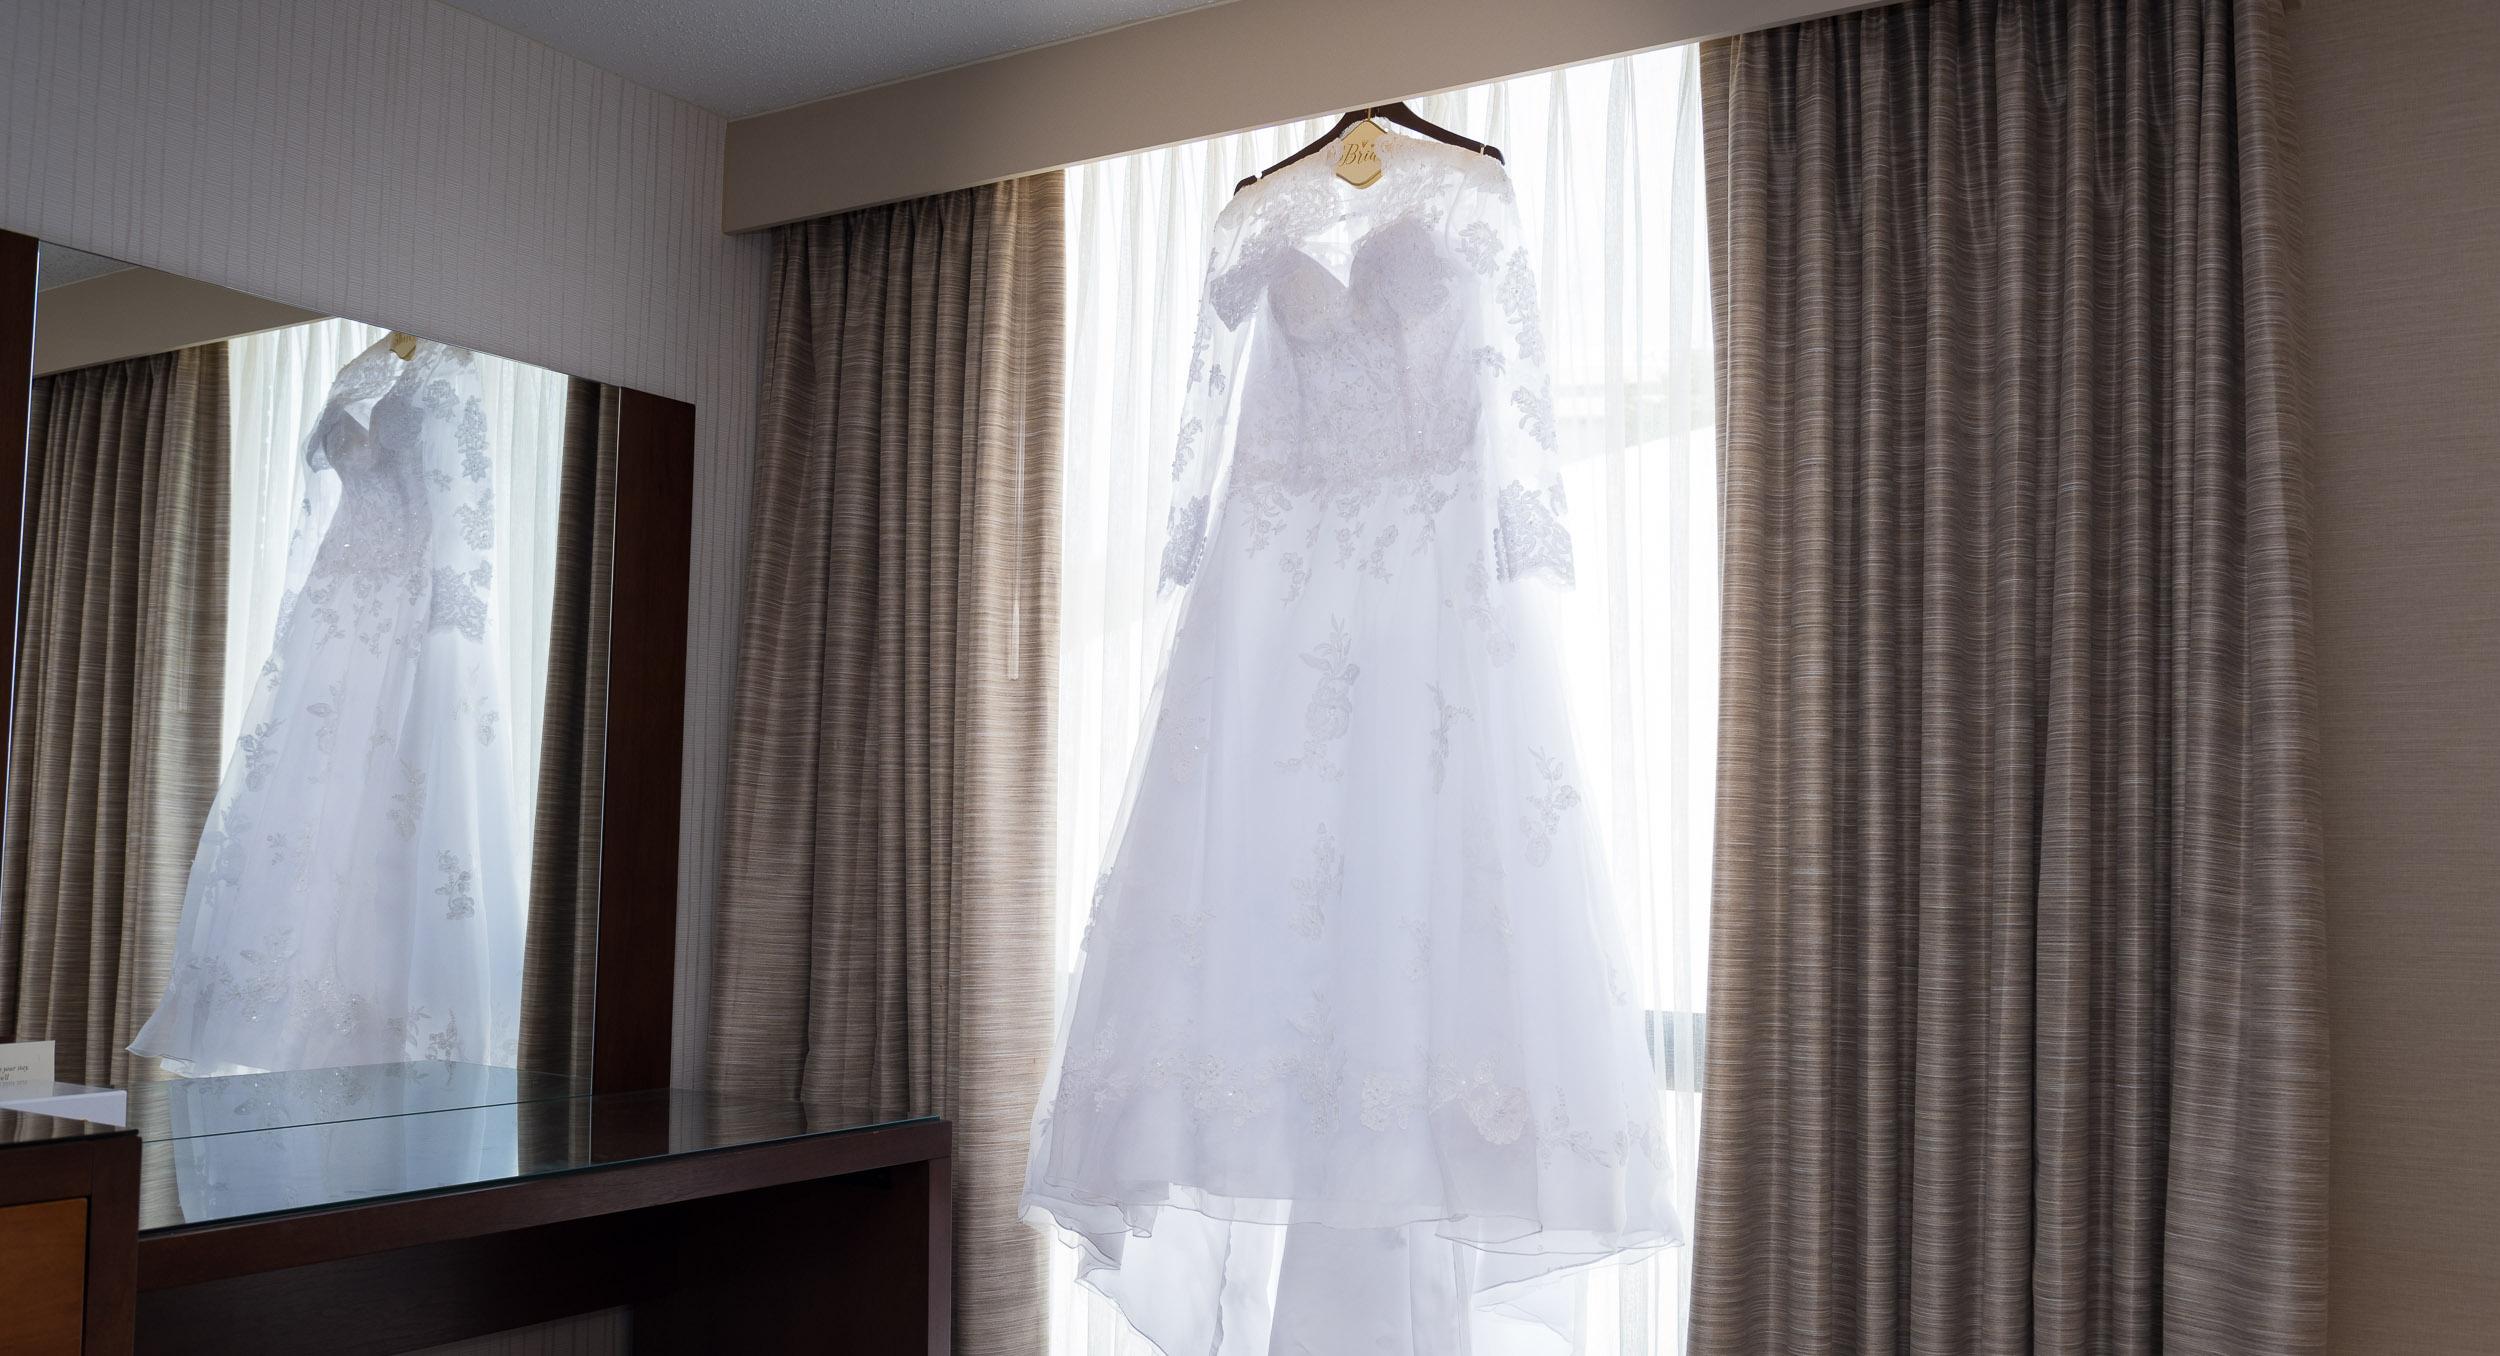 Bride-Dresss-by-Window-1.jpg